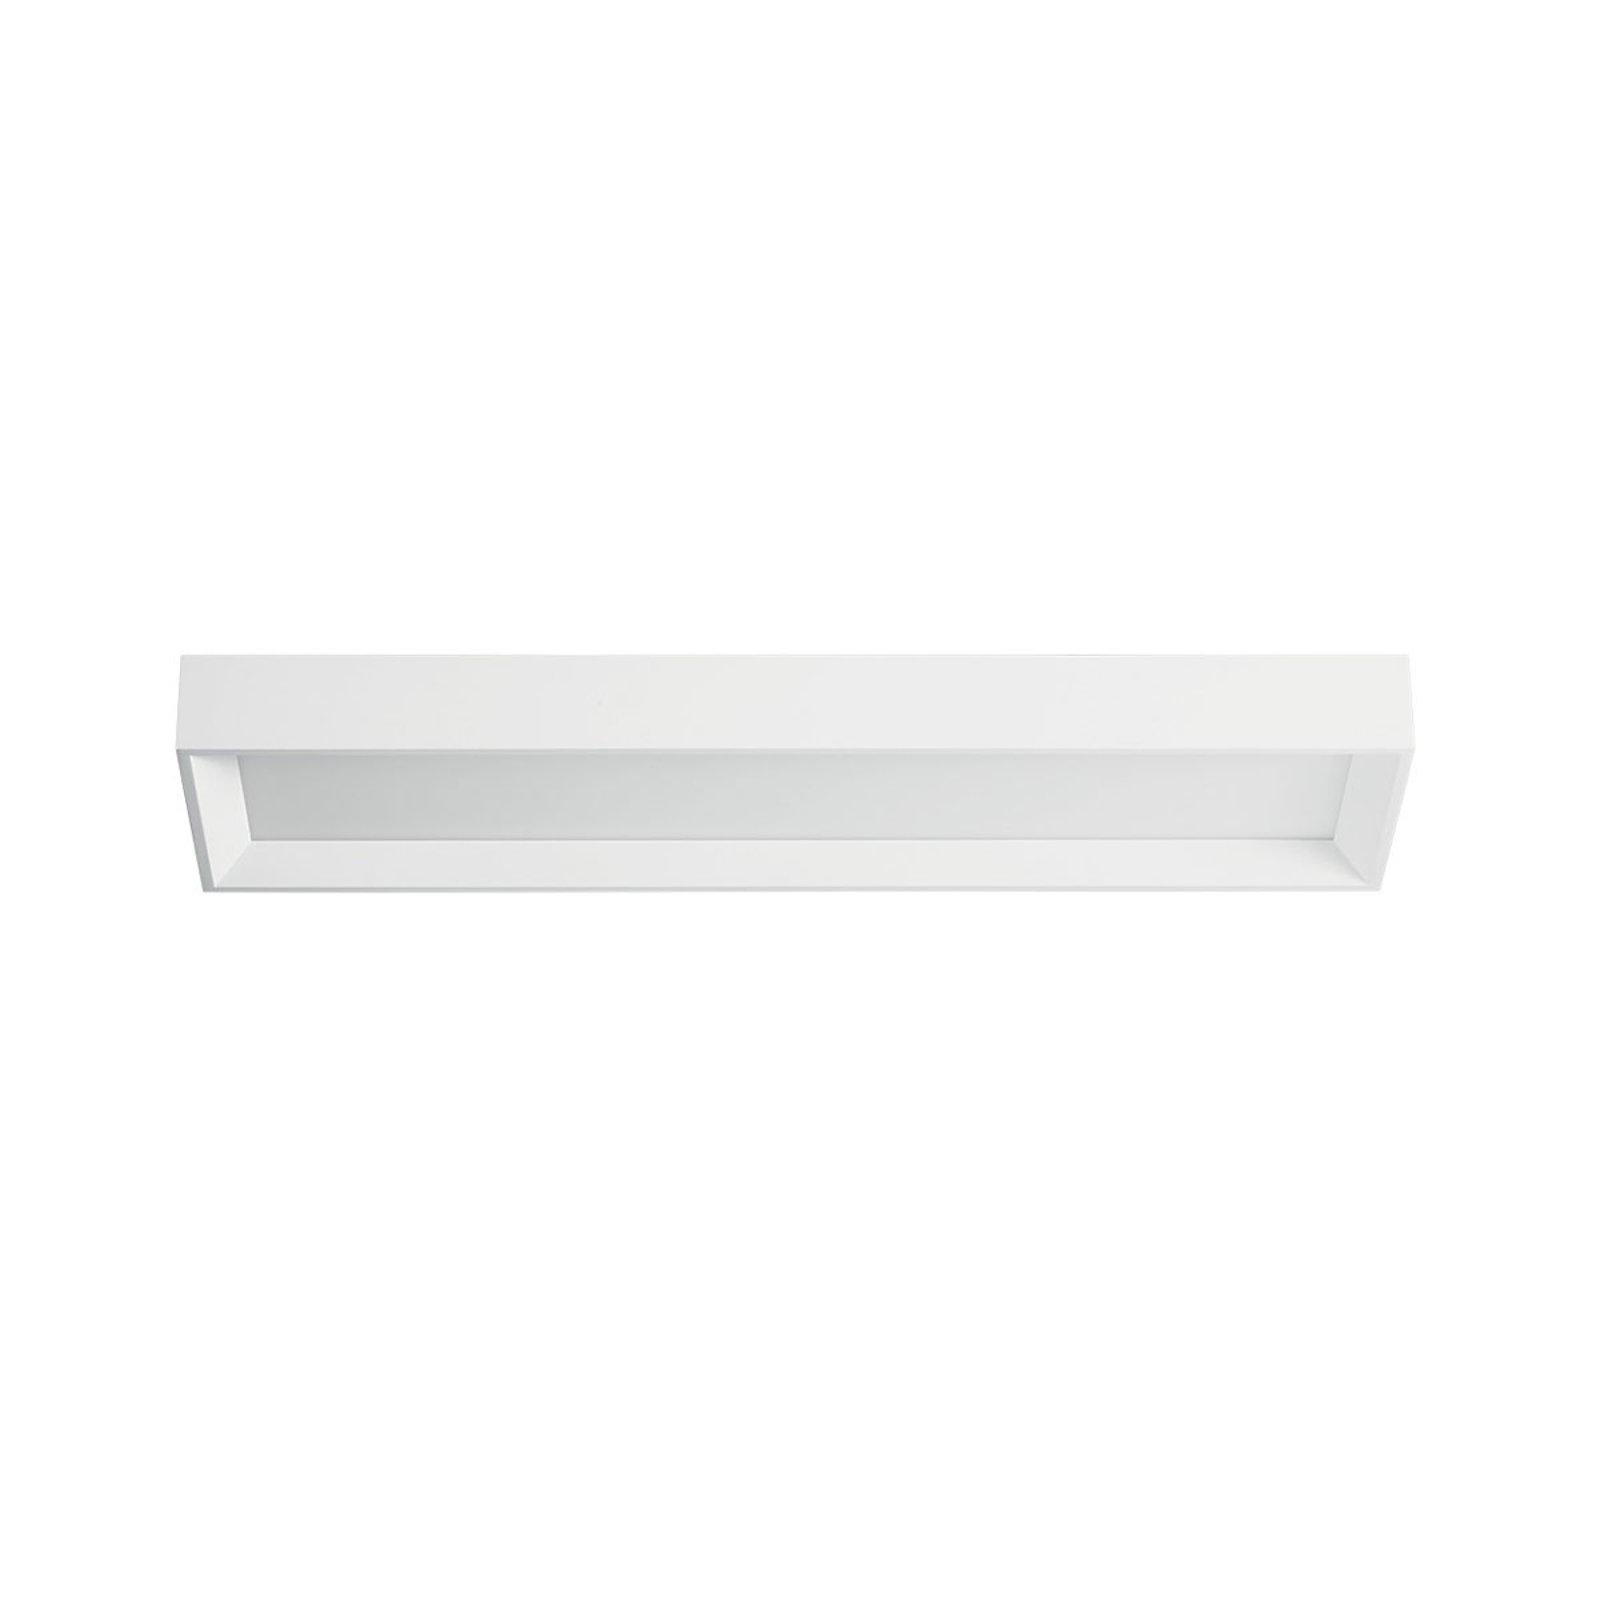 Tara LED-taklampe dimbar, 74 cm x 19 cm